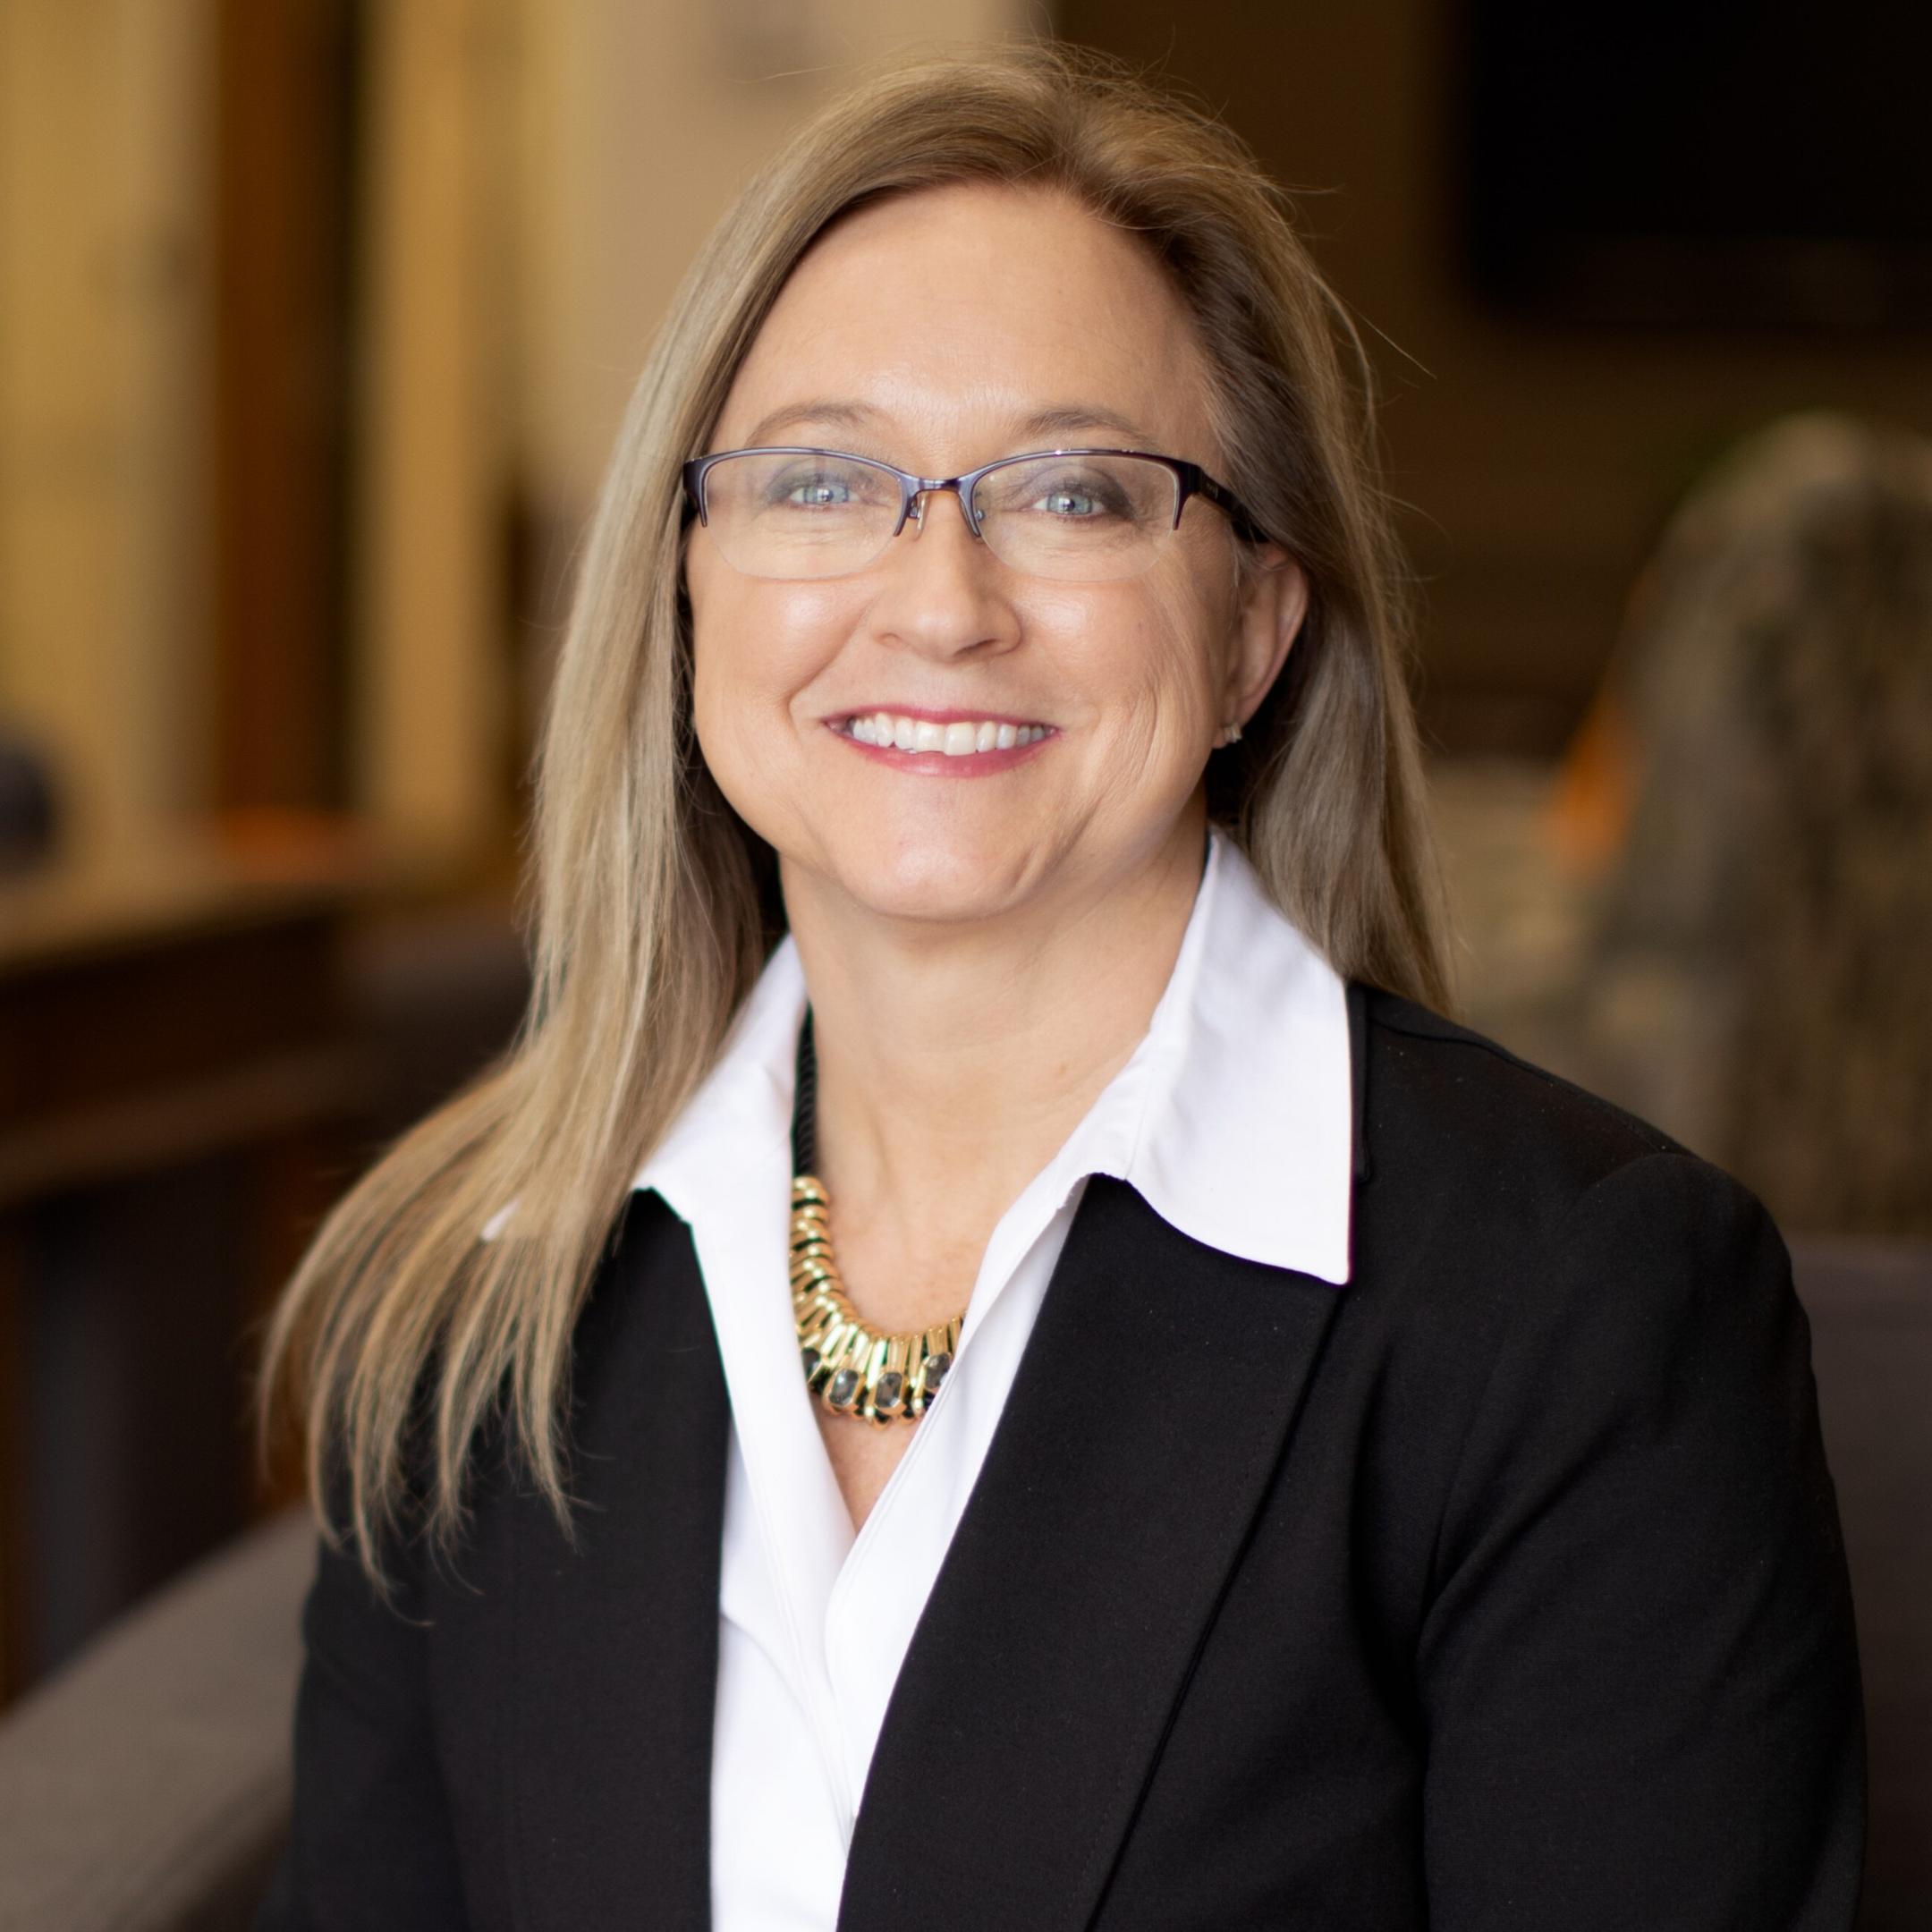 Melissa Rutledge